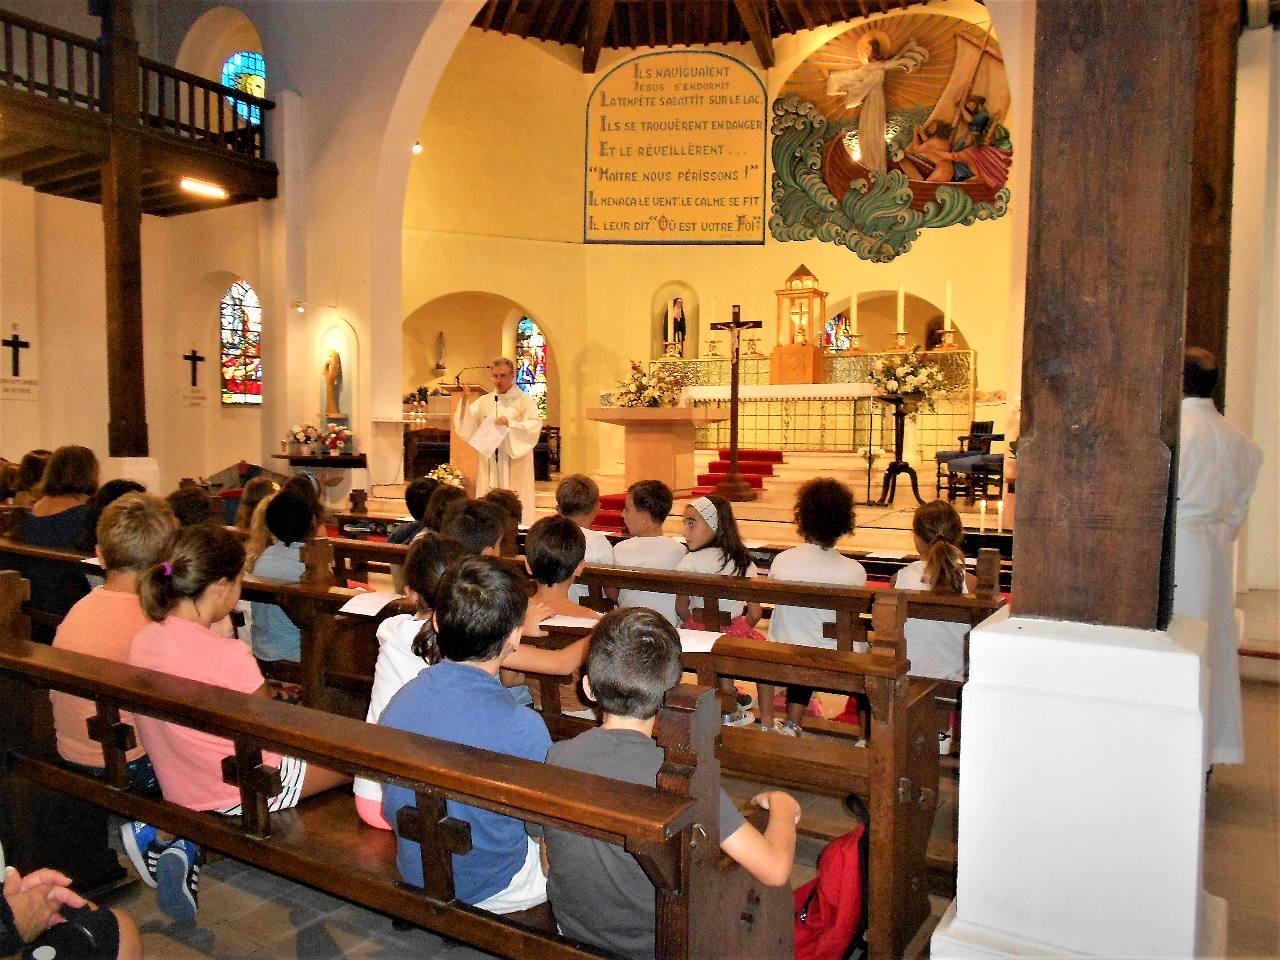 L'abbé Jean-Marc accueille les enfants et leur rappelle le respect  à avoir pour le lieu où nous nous rassemblons et notamment pour le tabernacle où Jésus est réellement présent.